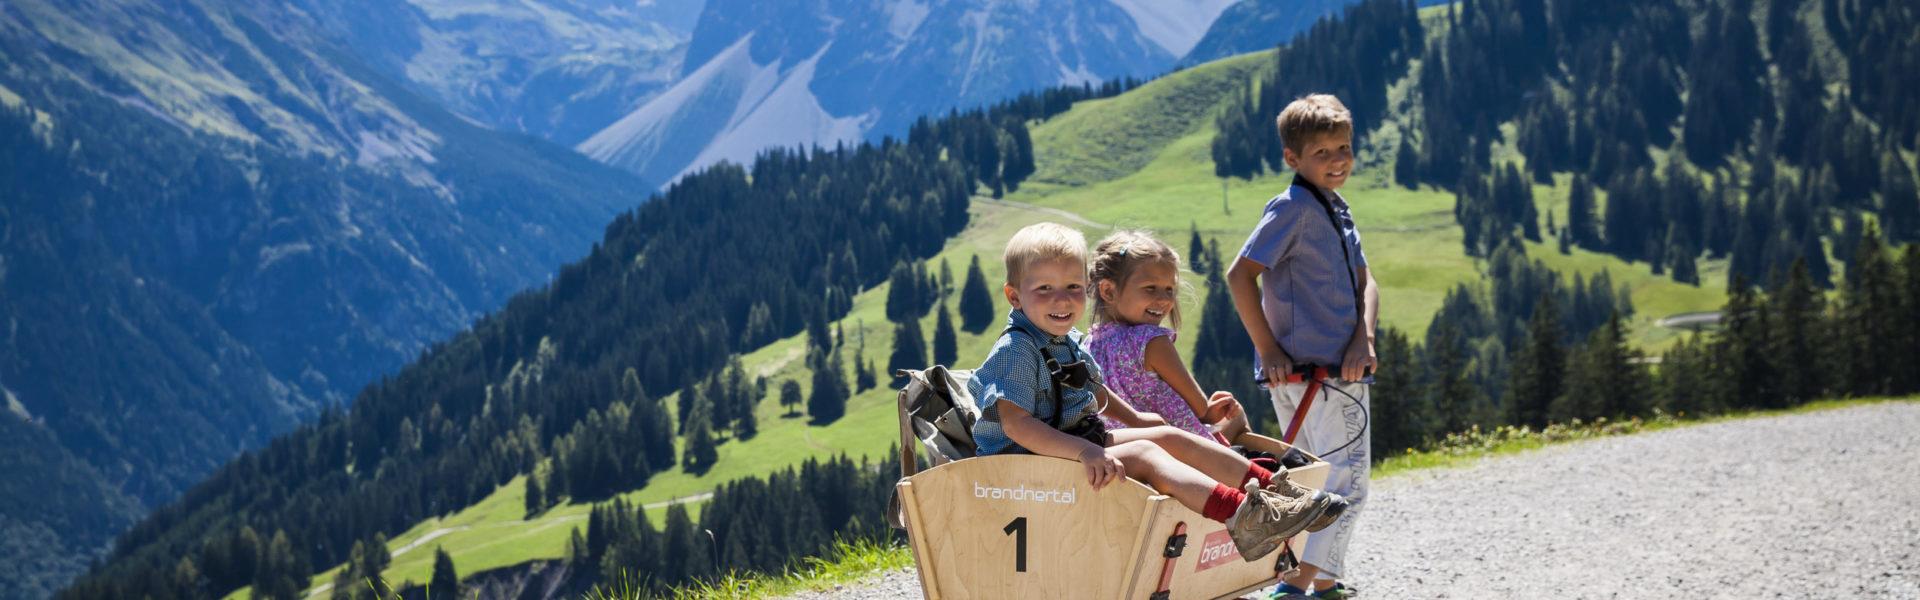 Familienwanderung Natursprünge © Bernhard Huber / Alpenregion Bludenz Tourismus GmbH